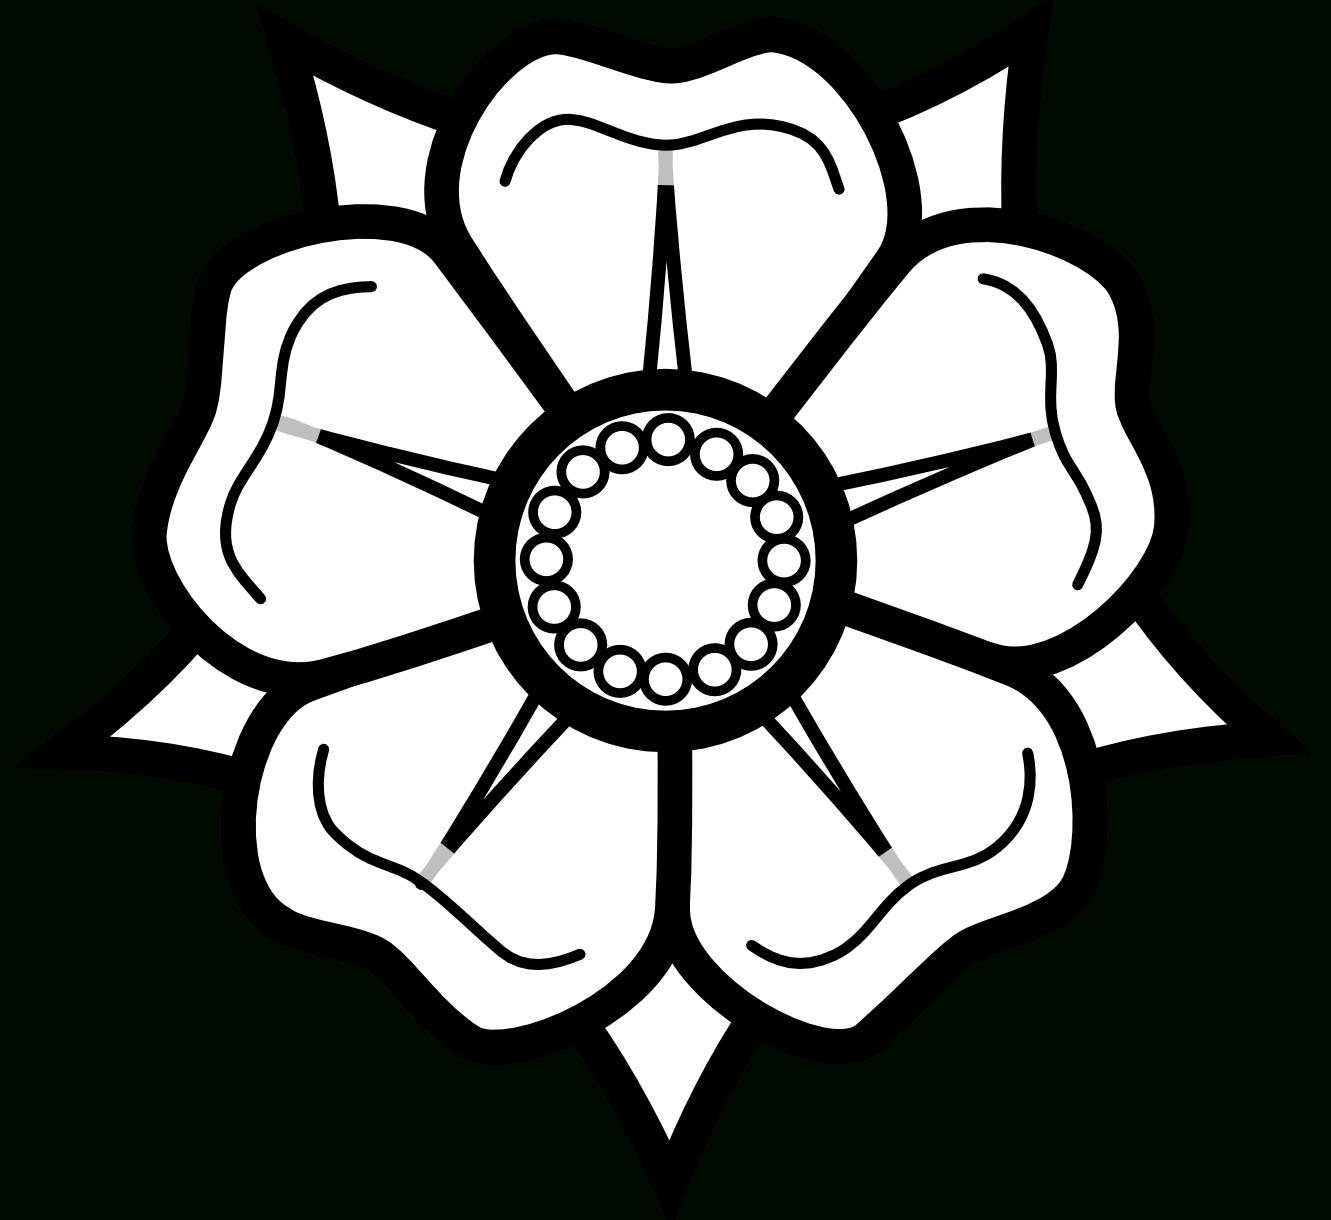 1331x1220 Line Drawing Of Rose Flower Heraldisch Lippische Rose Black White